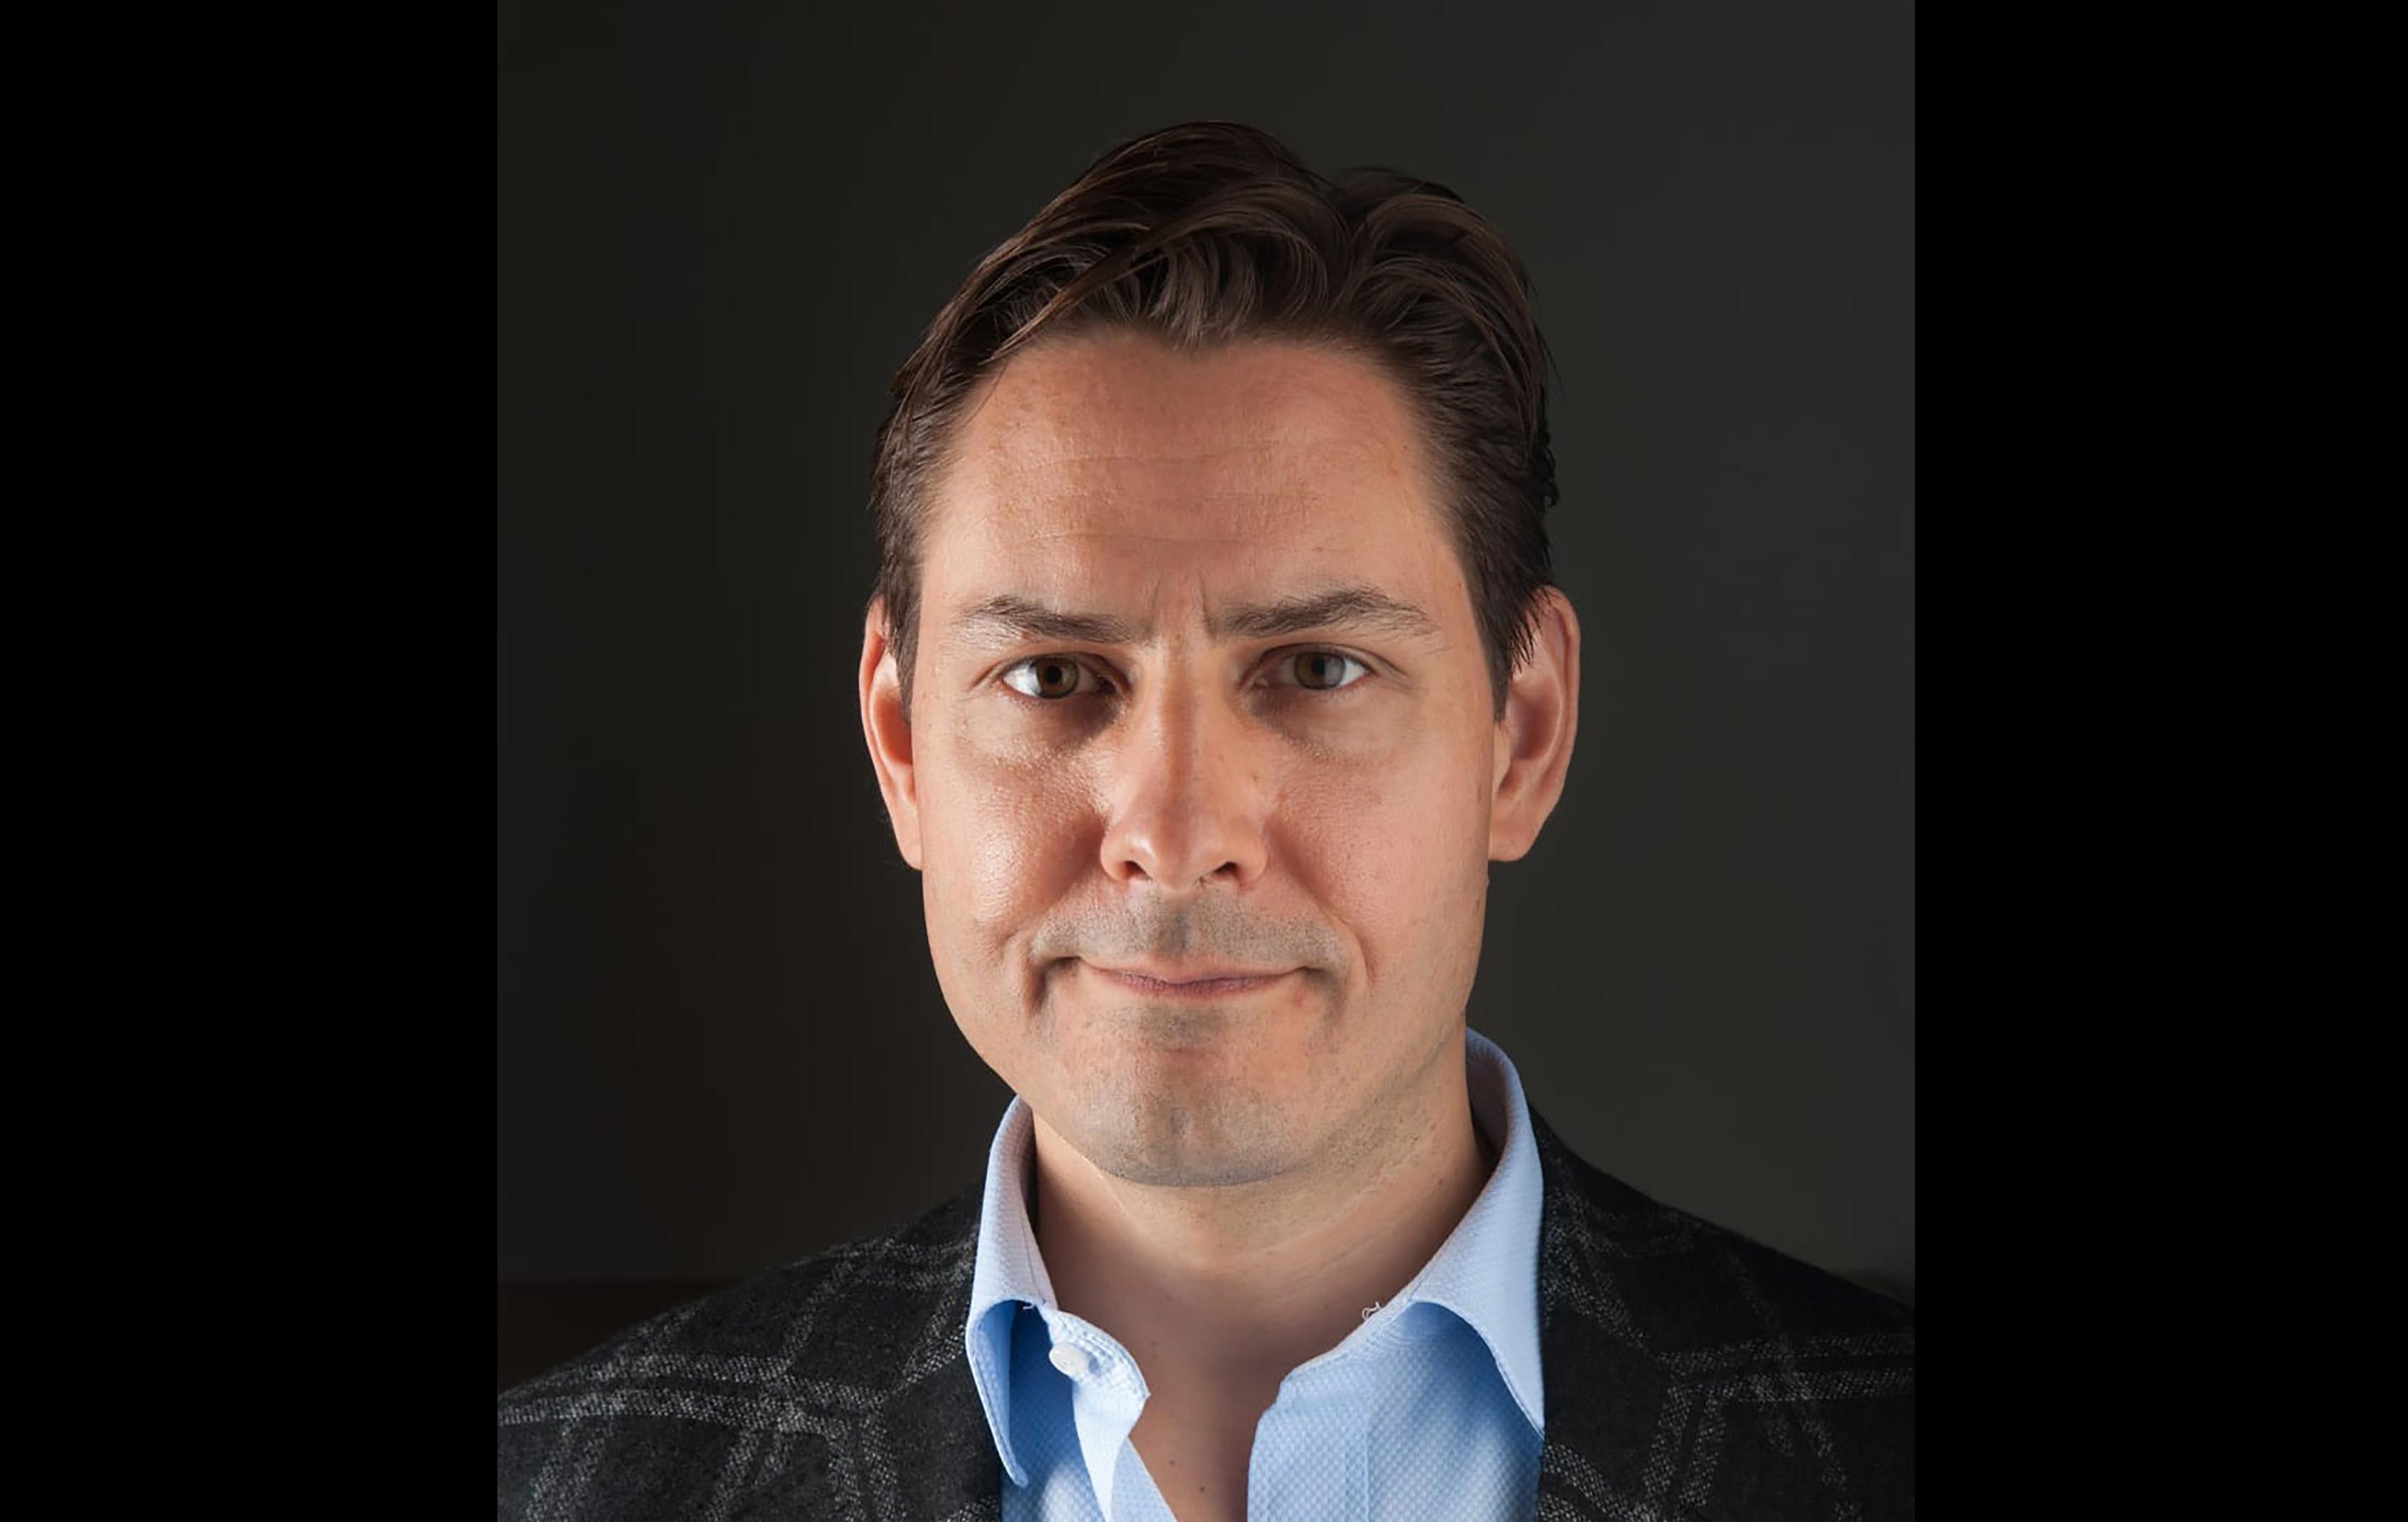 華為首席財務官孟晚舟在加拿大被捕後,中共扣留兩名加拿大人,其中康明凱(見圖)是國際危機組織(International Crisis Group,ICG)的一名顧問。(Julie DAVID DE LOSSY/CRISIGROUP/AFP)